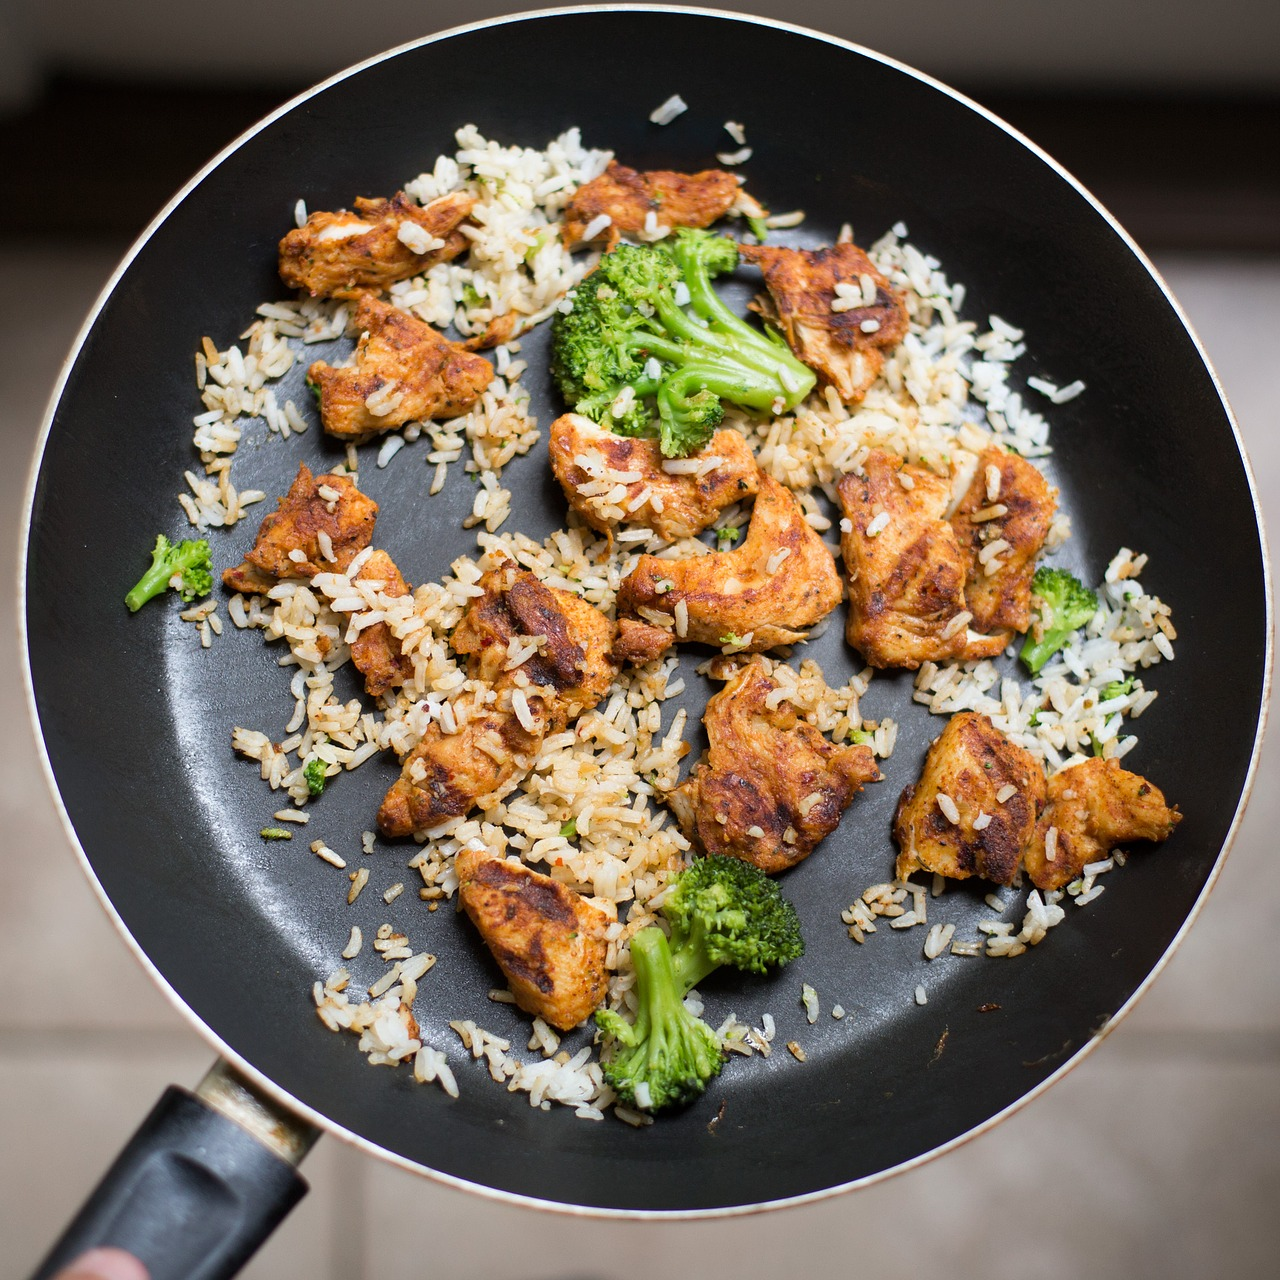 Sartén comida, brocoli, arroz y carne